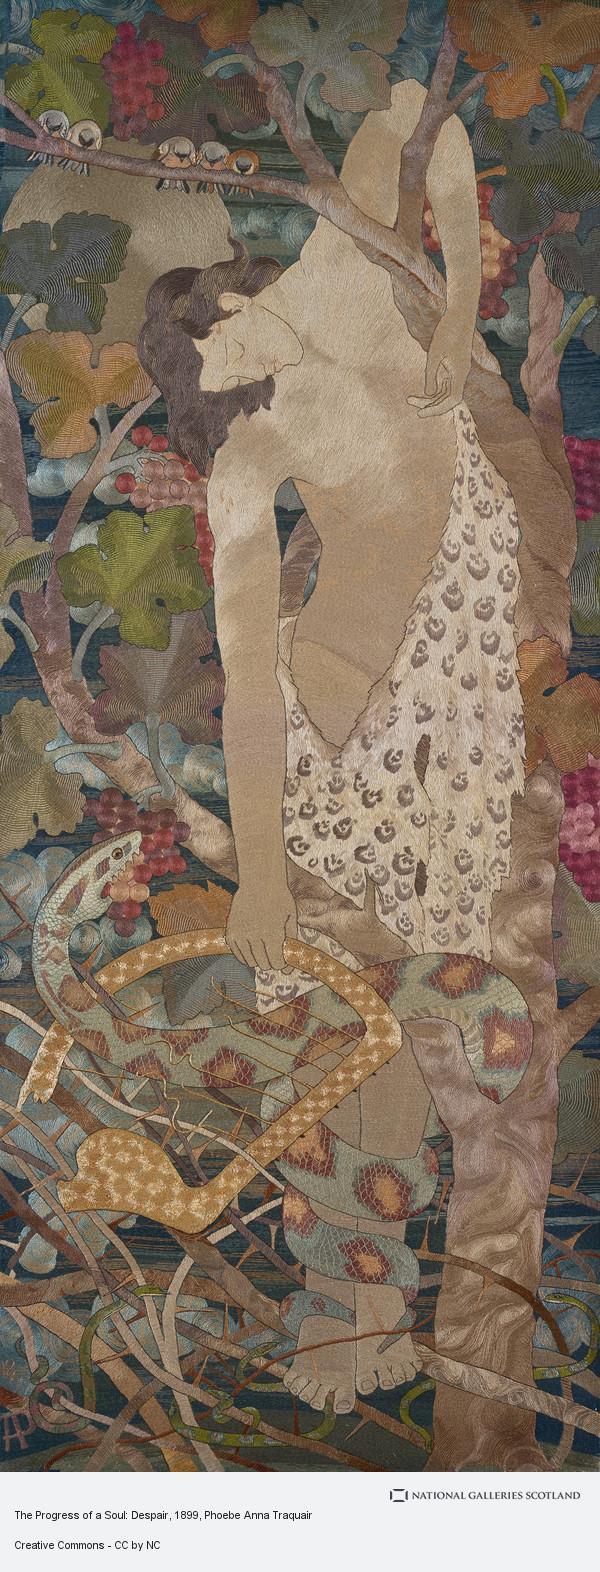 Phoebe Anna Traquair, The Progress of a Soul: Despair